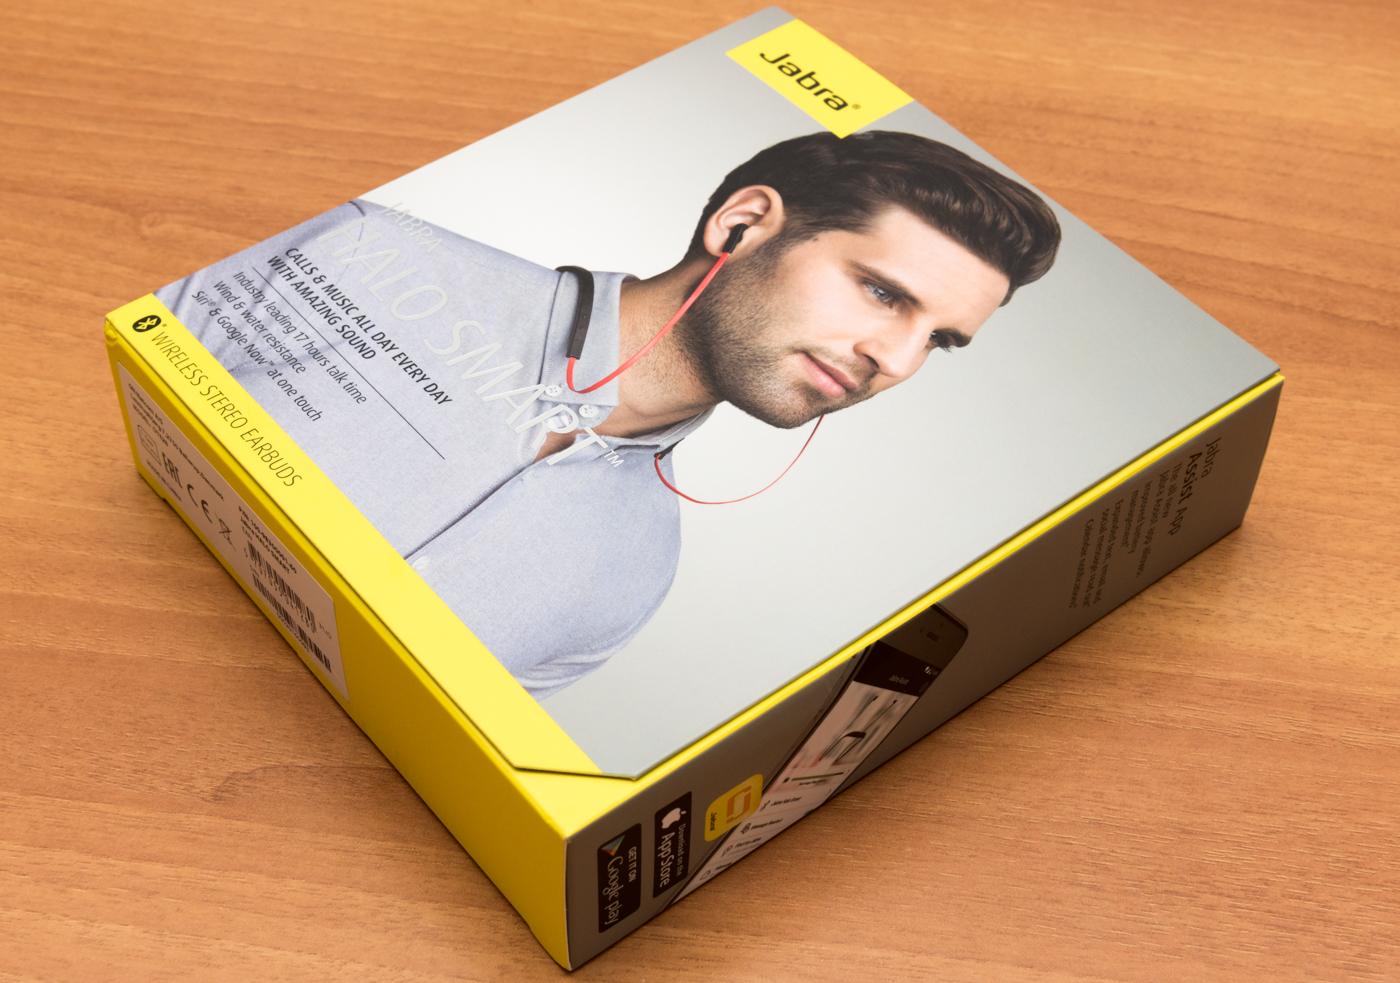 Jabra Halo Smart, recensione auricolari Bluetooth per chiamate e musica in mobilità